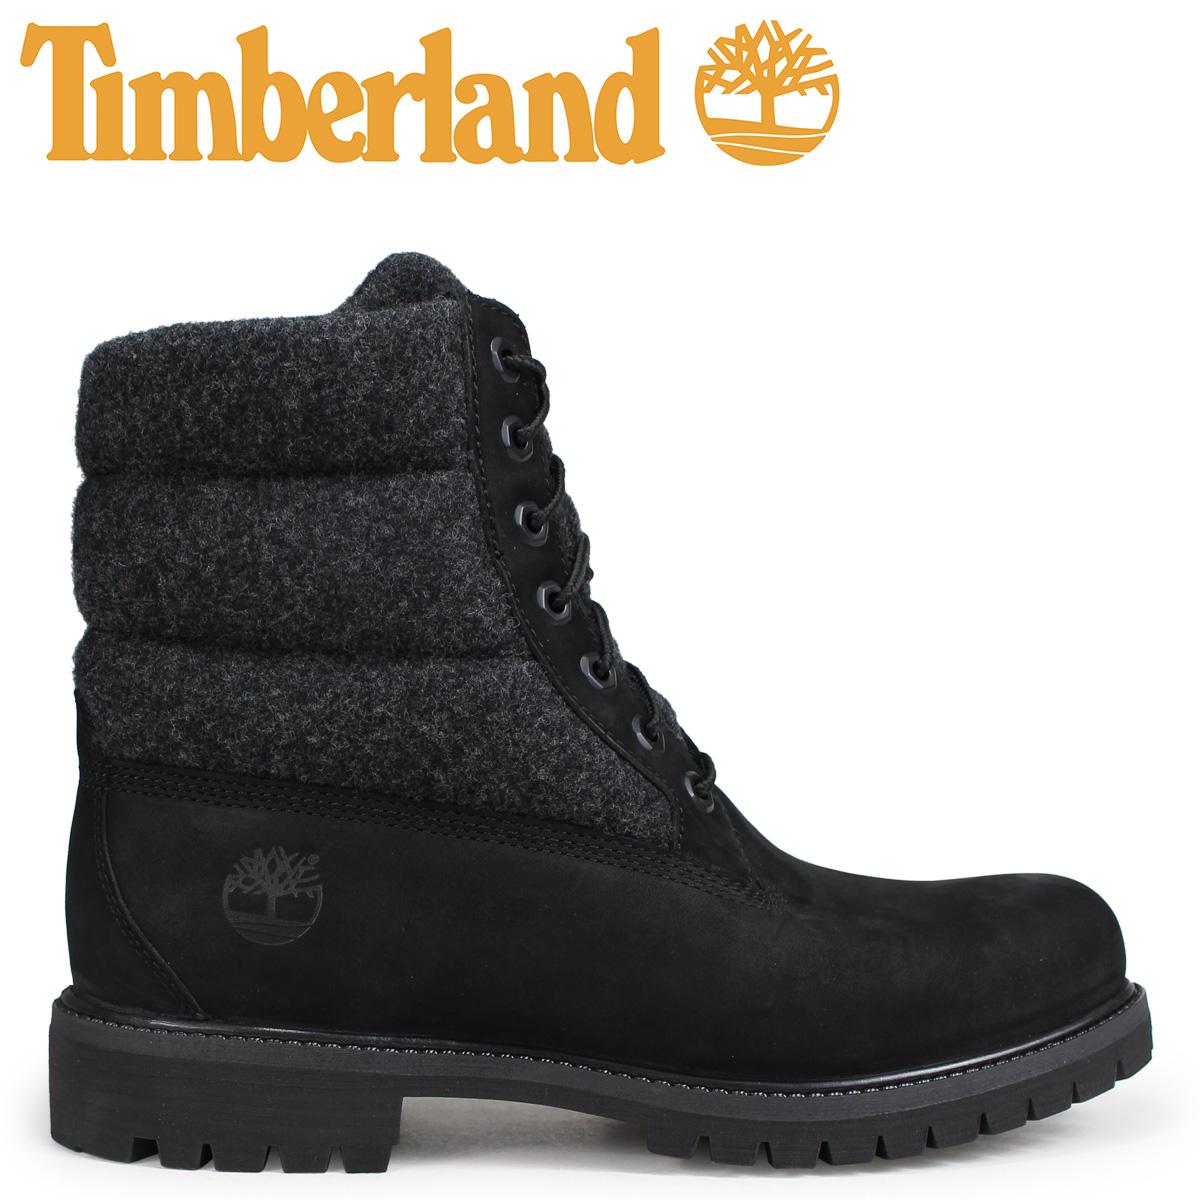 Timberland ブーツ メンズ 6インチ ティンバーランド 6-INCH PREMIUM PUFF BOOTS A1ZR6 Wワイズ ブラック 黒